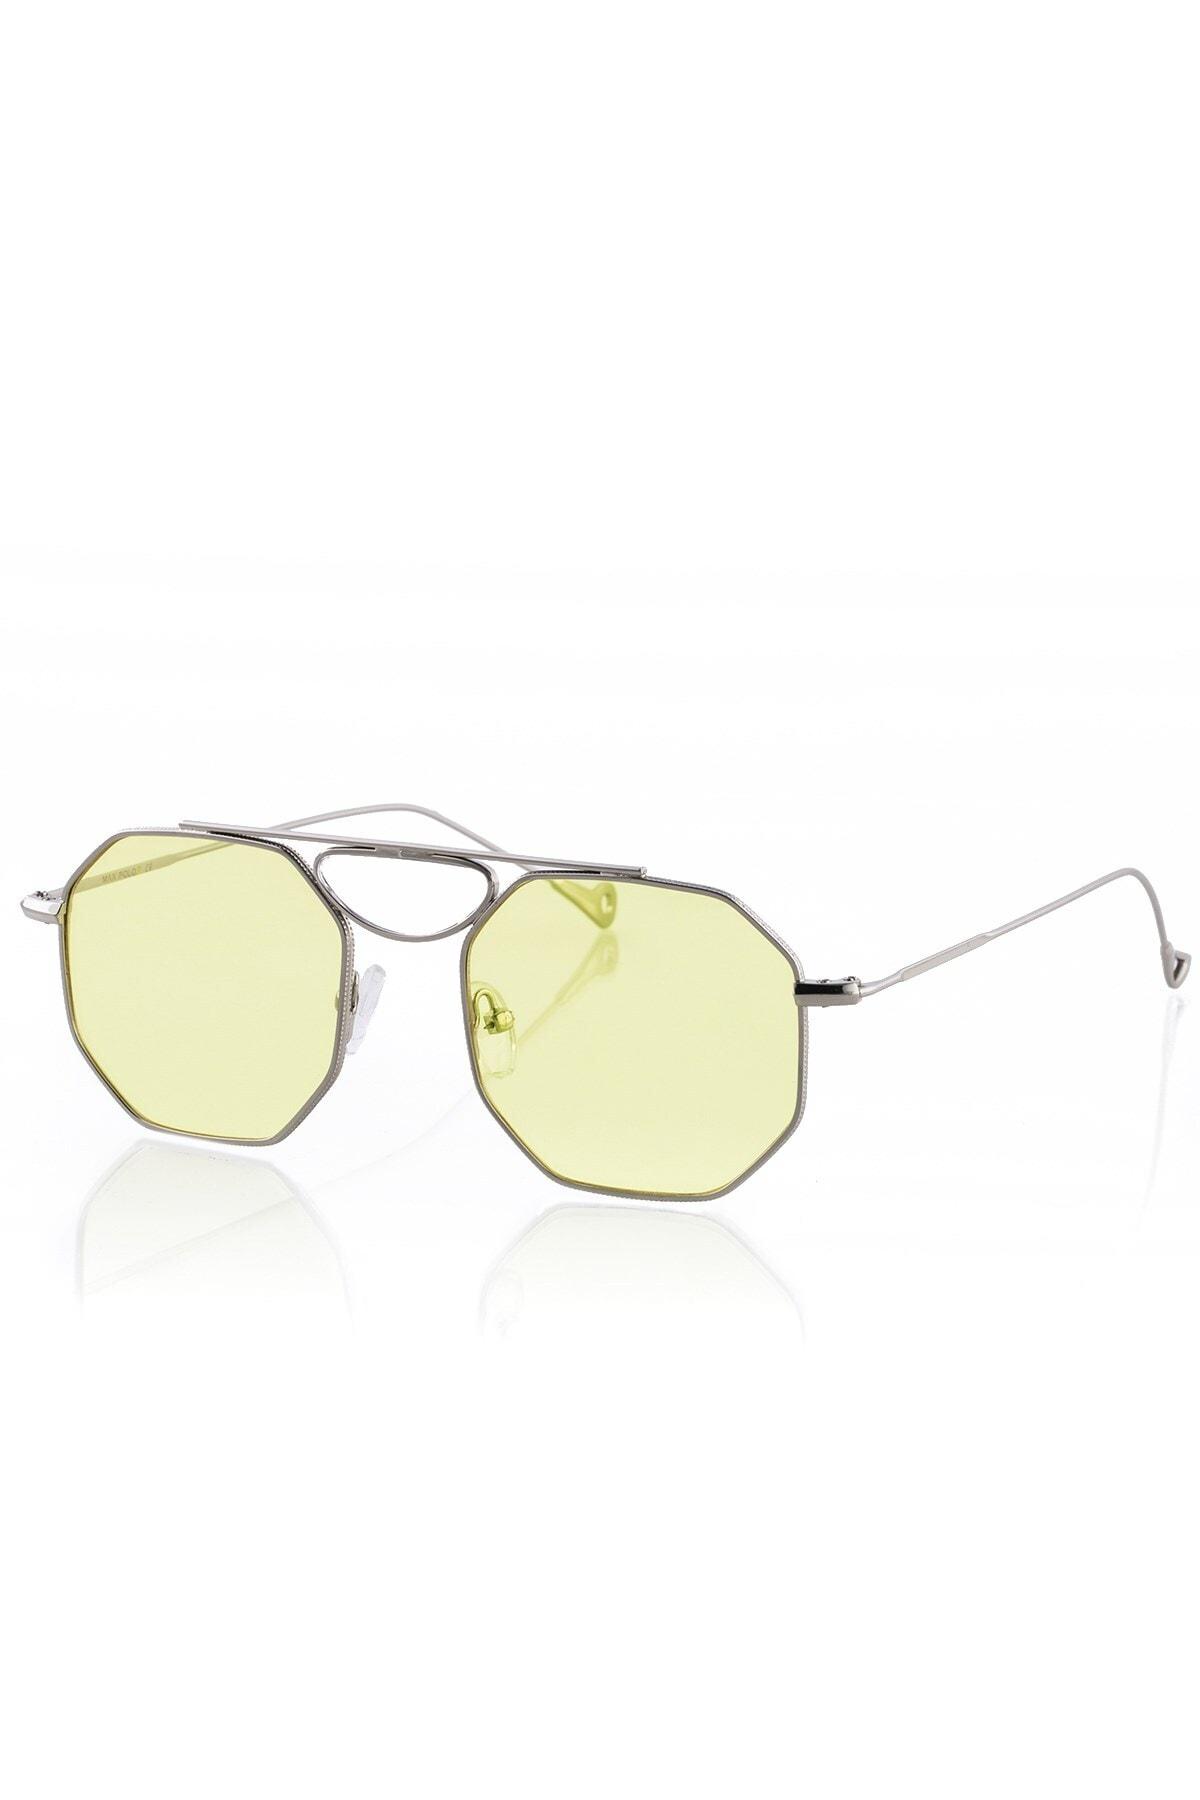 Max Polo Mp20mp3007xr004 Sarı Uv 400 Kadın Güneş Gözlüğü 1